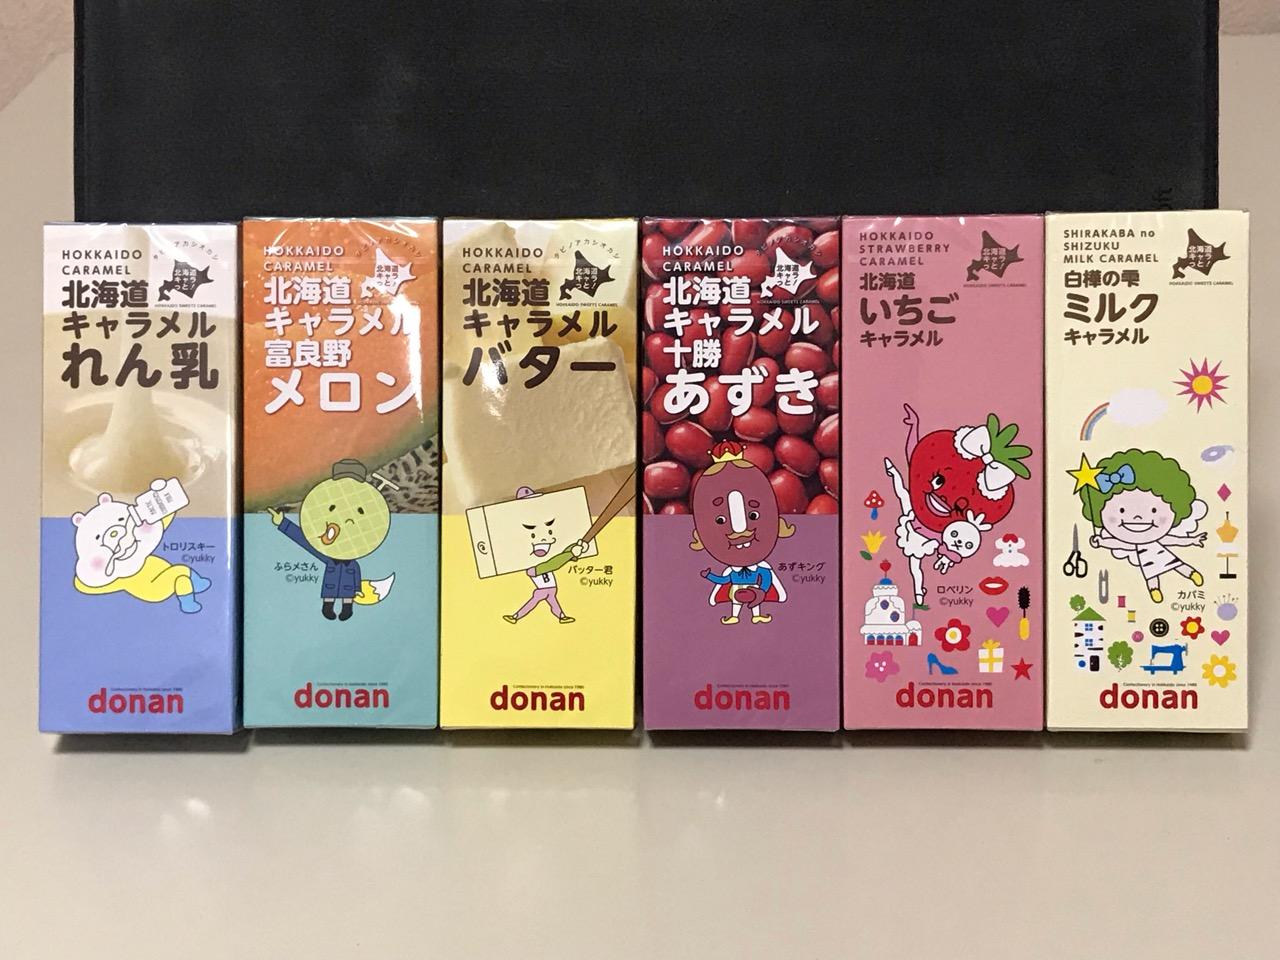 yukkyさんのキャラクターが可愛いキャラメル!チョコキャラ村シリーズ